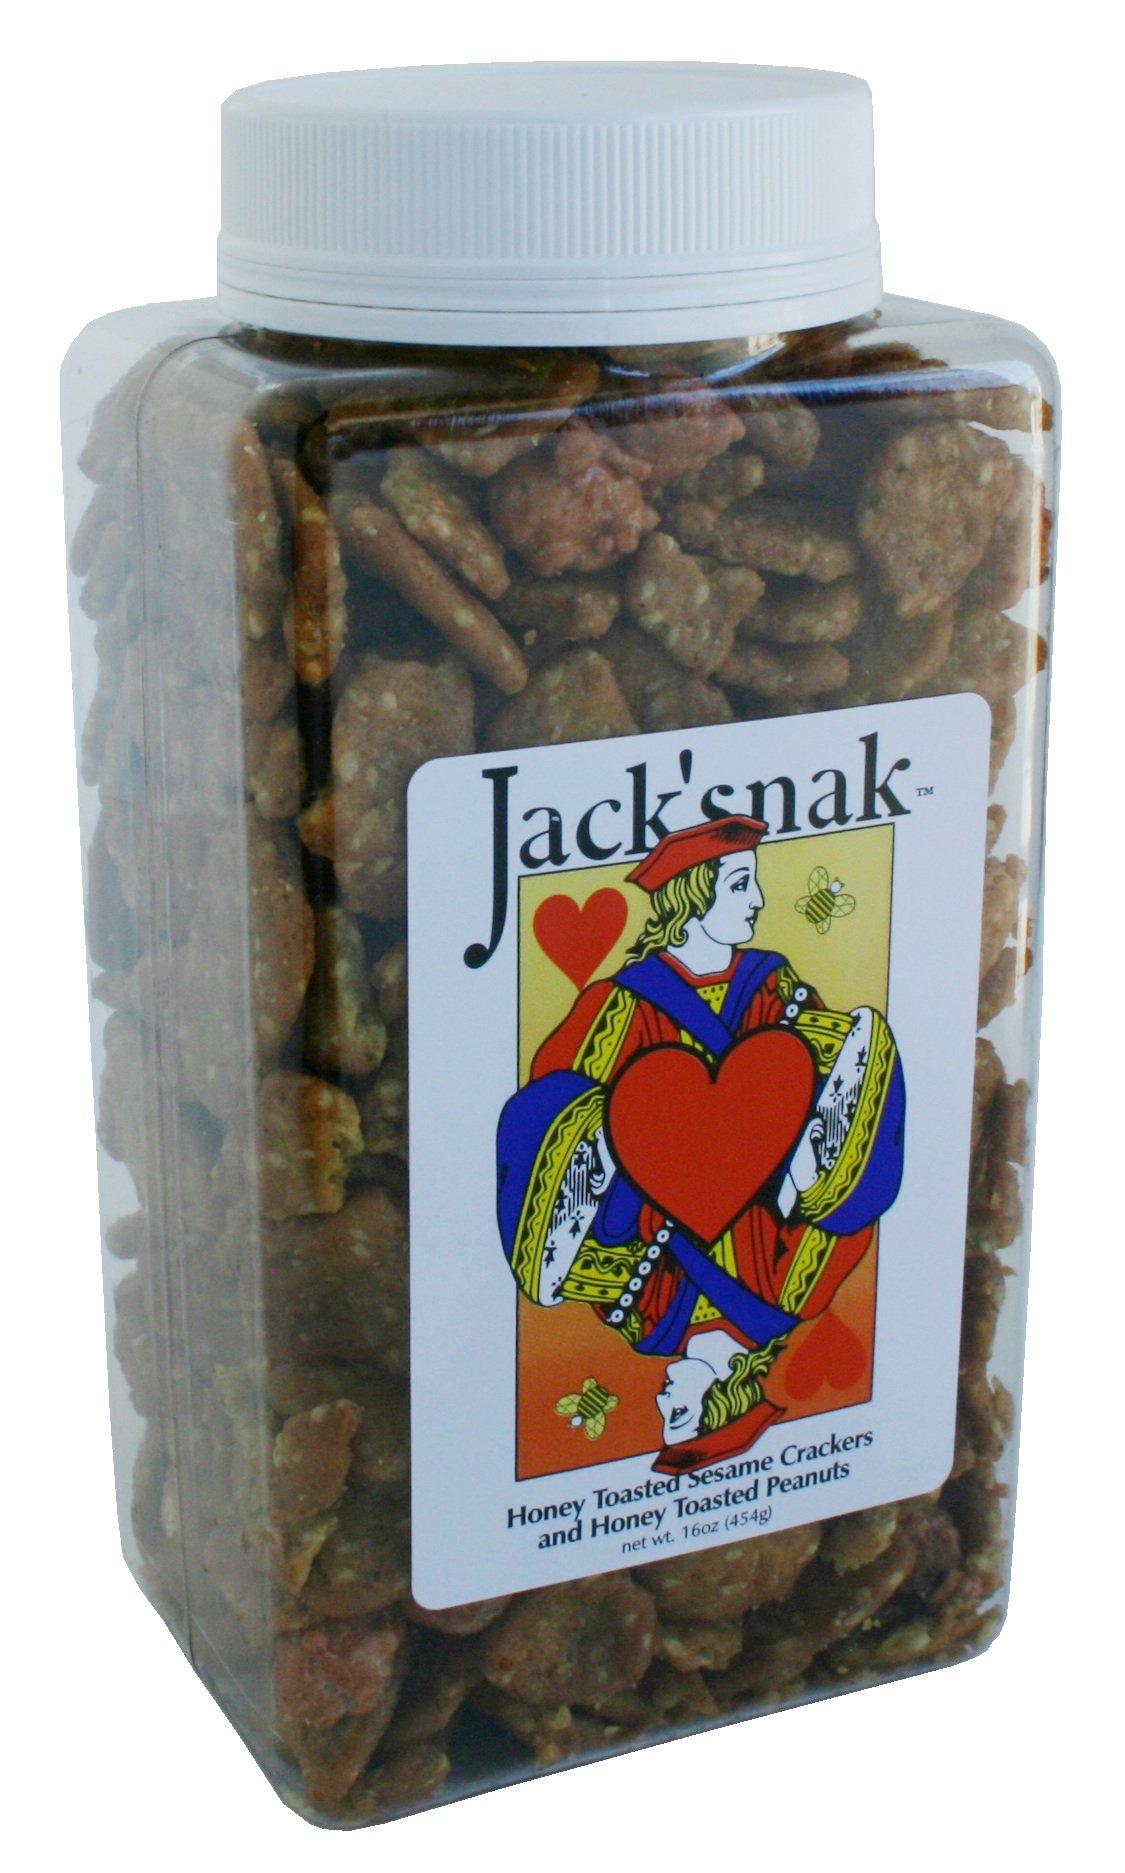 Jack'snak Original (14 oz.) Pack of 3